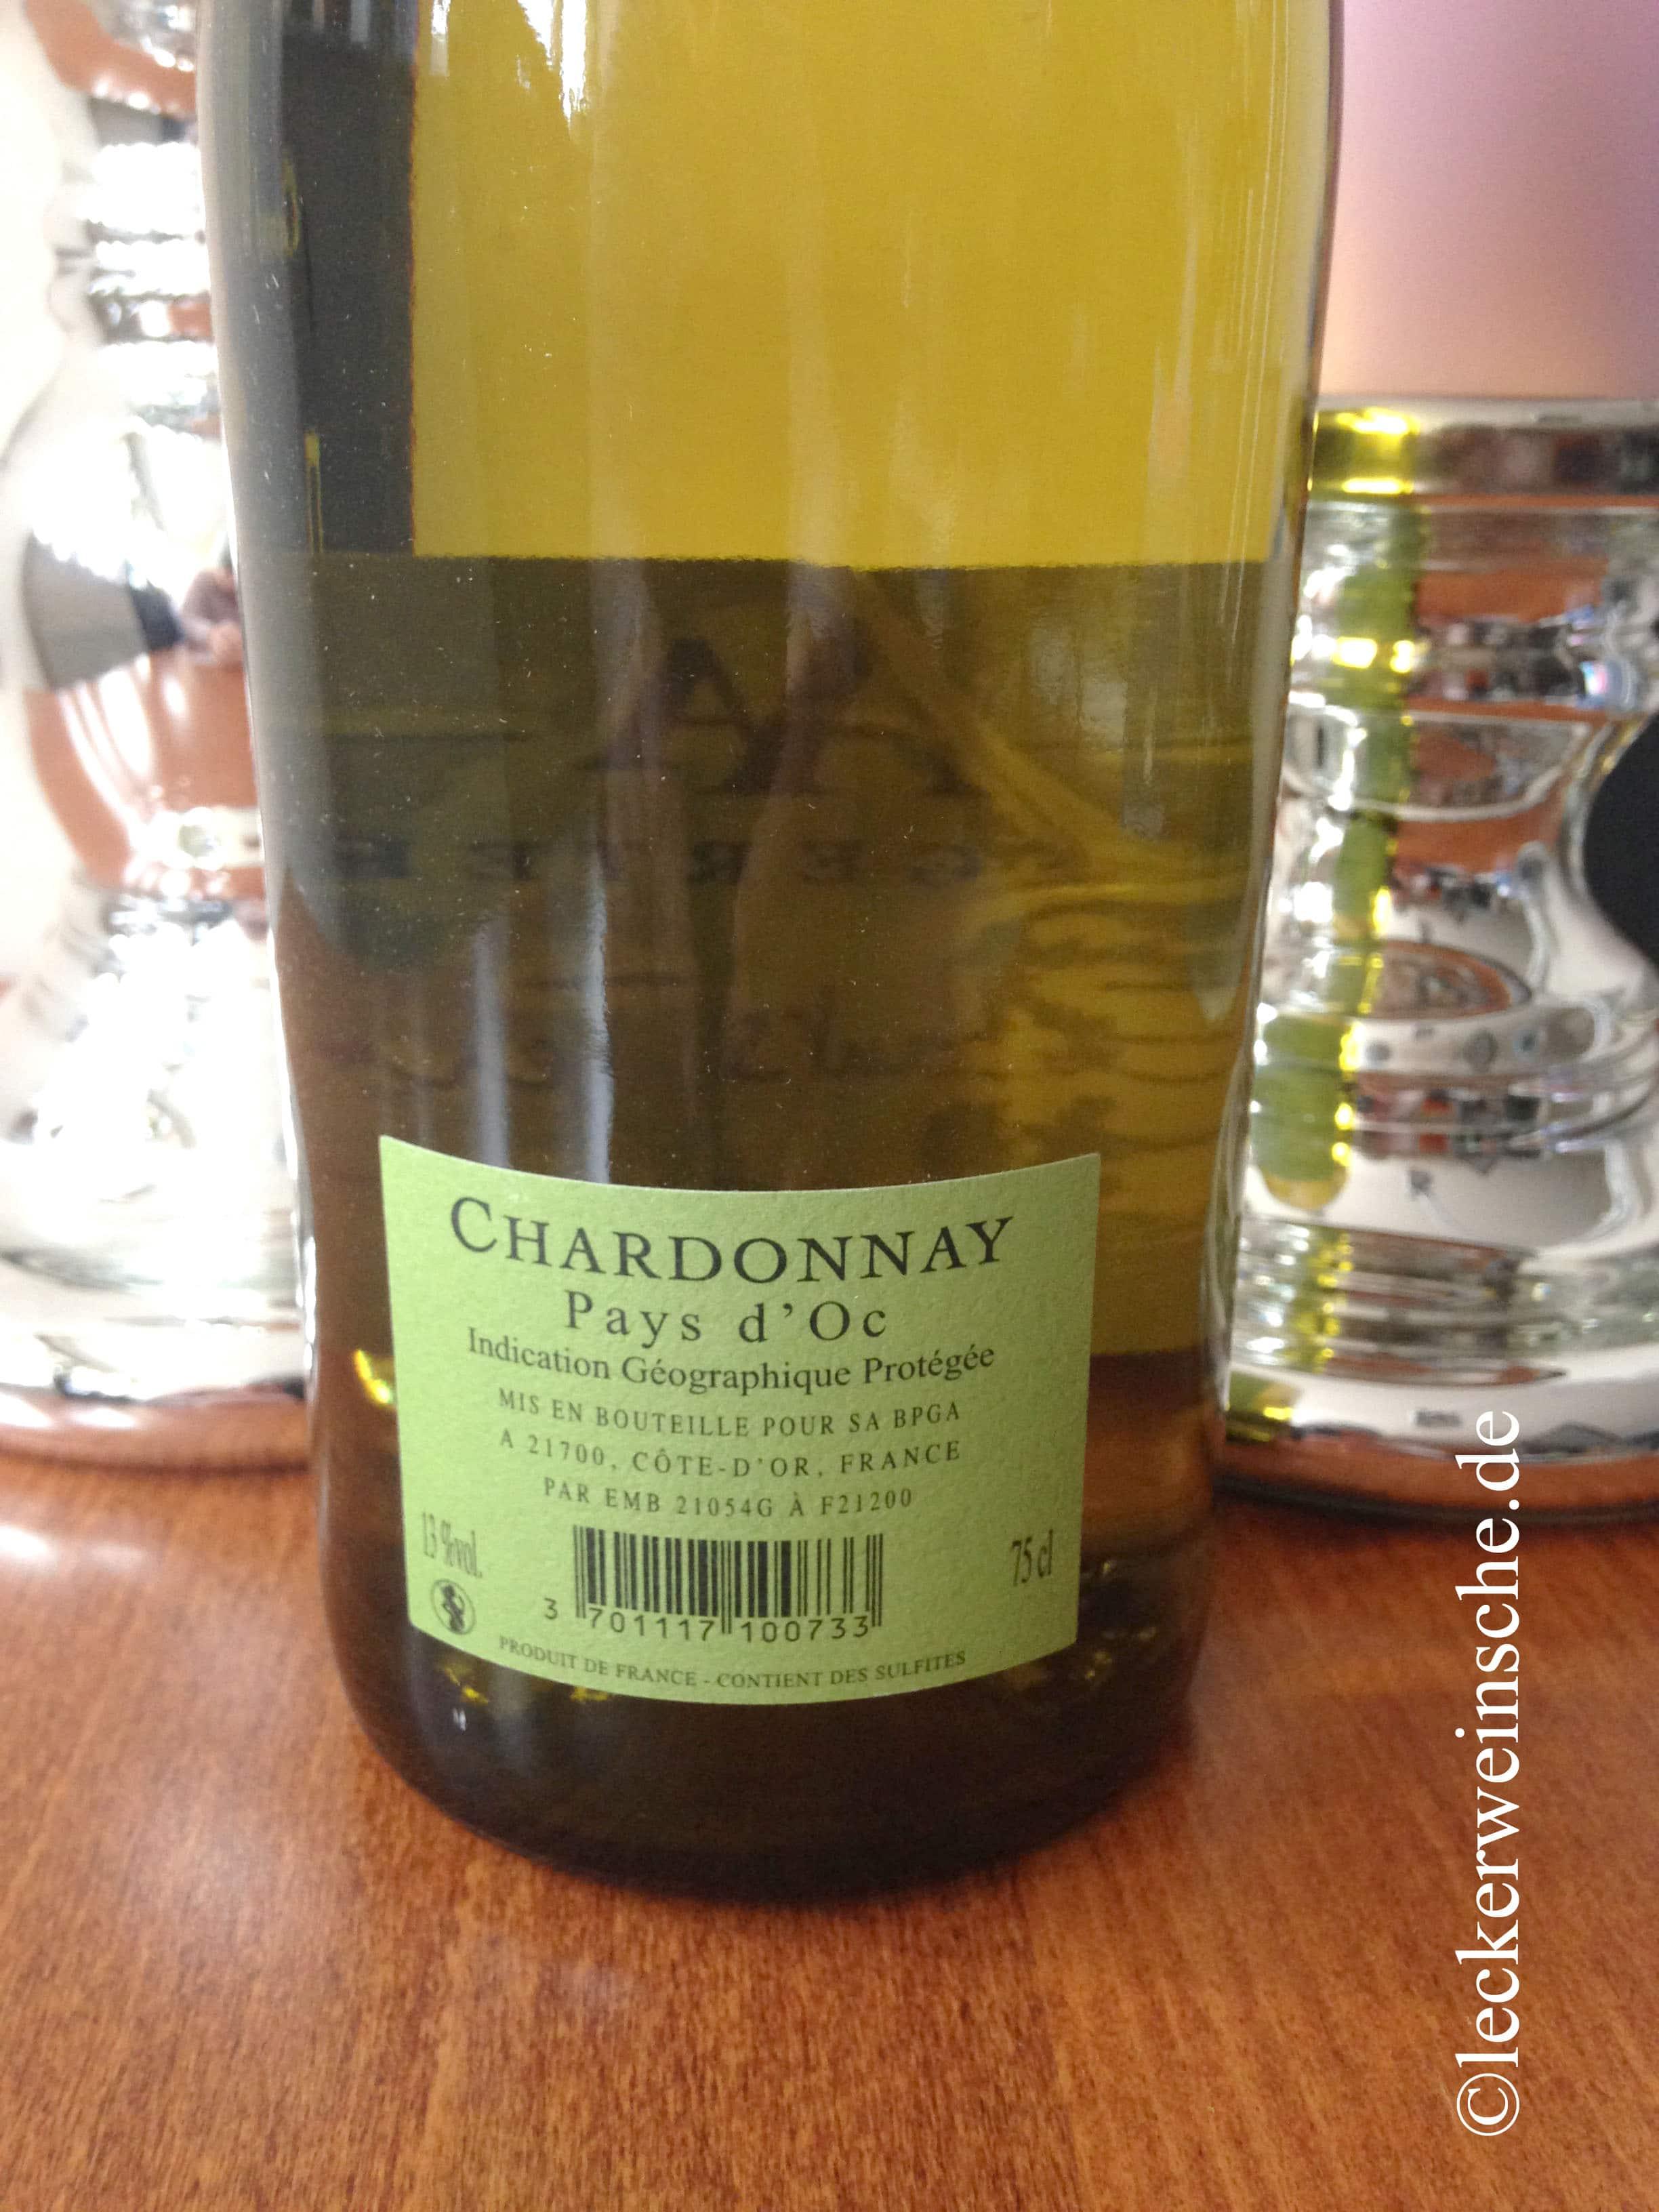 Weinflasche mit dem Wein Les Enfants Terribles Chardonnay